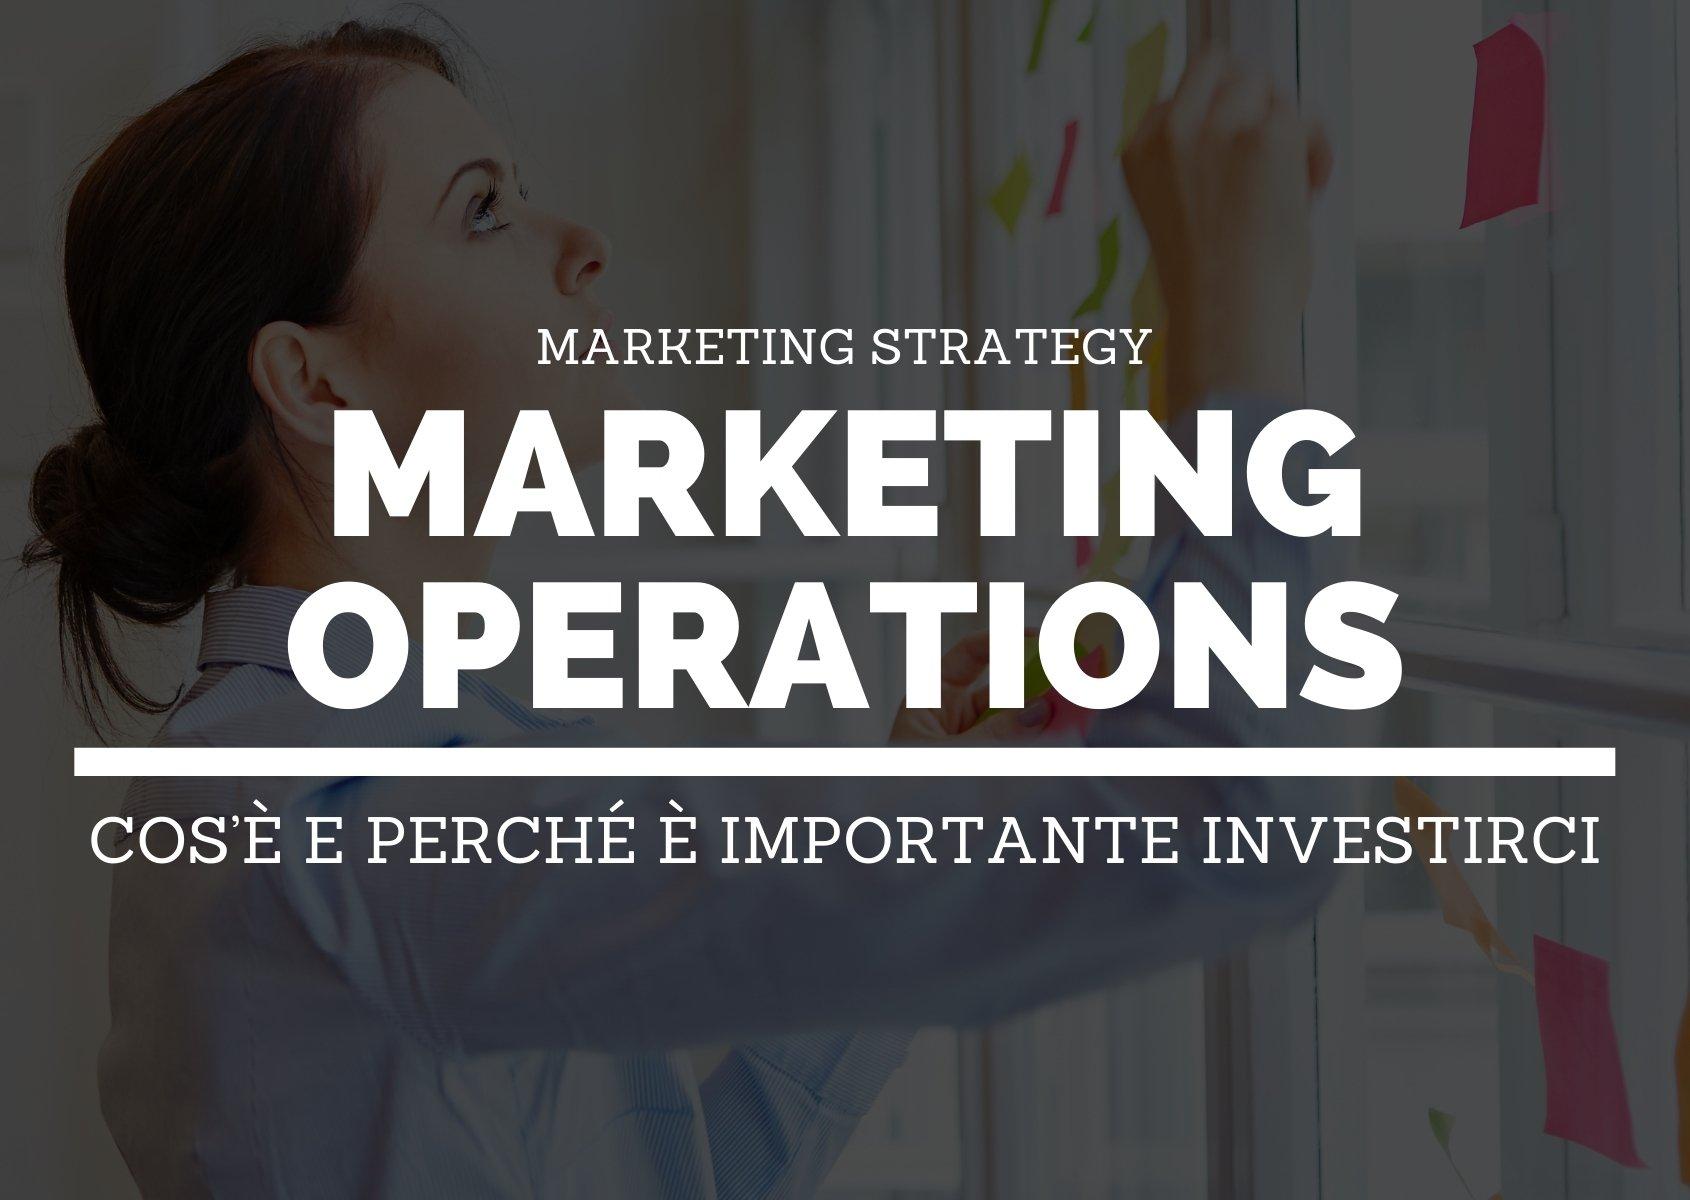 Marketing-operations-Header